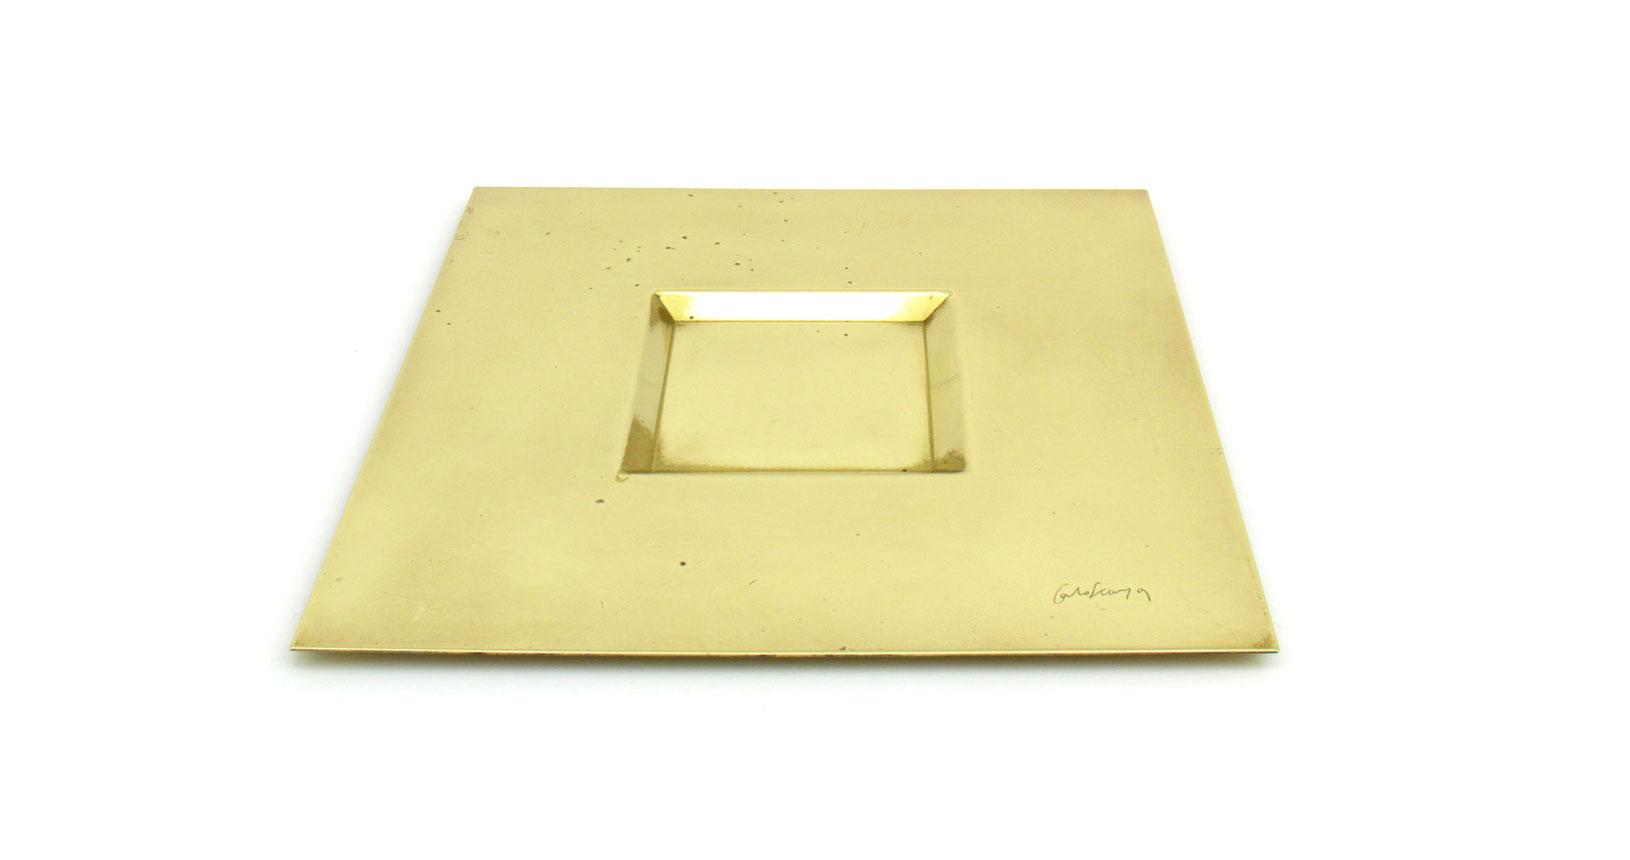 brass plate piatto ottone carlo scarpa design